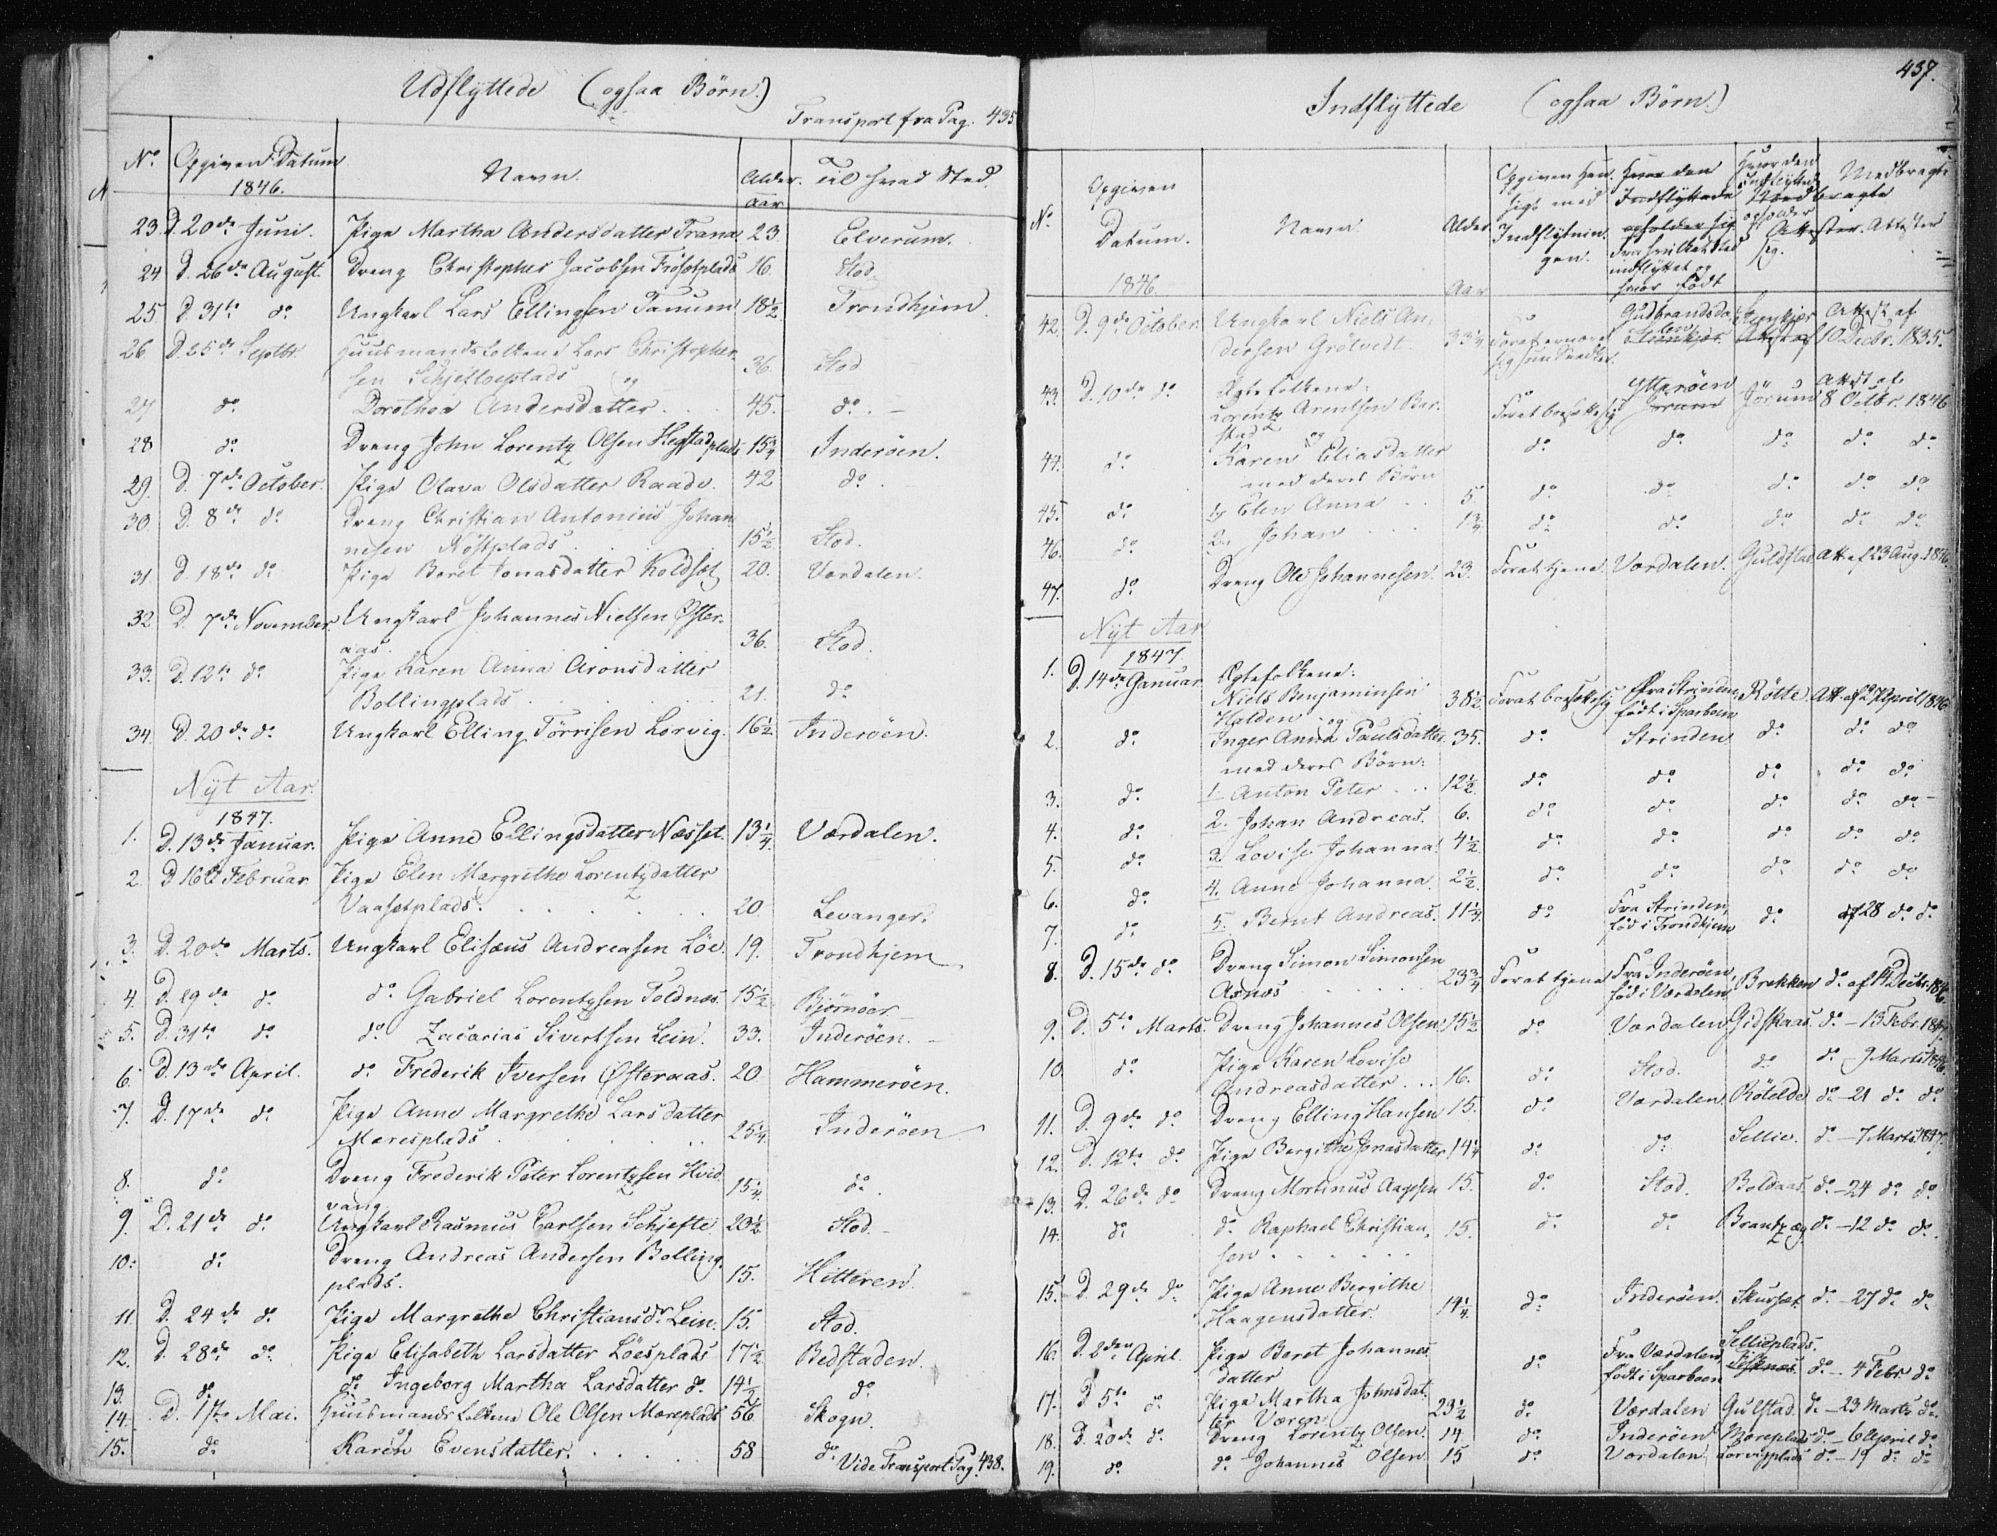 SAT, Ministerialprotokoller, klokkerbøker og fødselsregistre - Nord-Trøndelag, 735/L0339: Ministerialbok nr. 735A06 /1, 1836-1848, s. 437